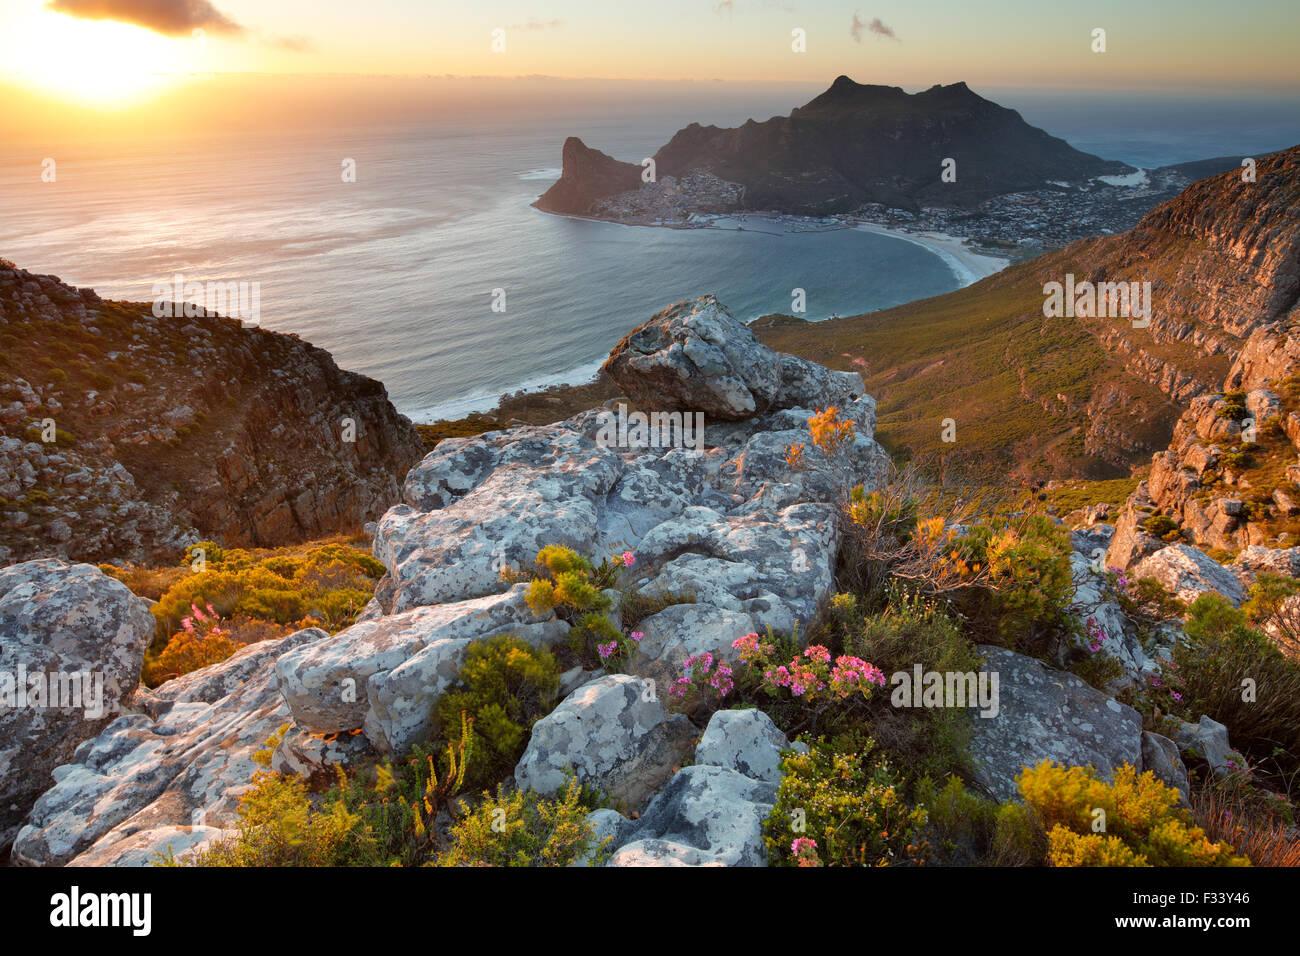 Hout Bay, du Parc National de Table Mountain, Western Cape, Afrique du Sud Photo Stock